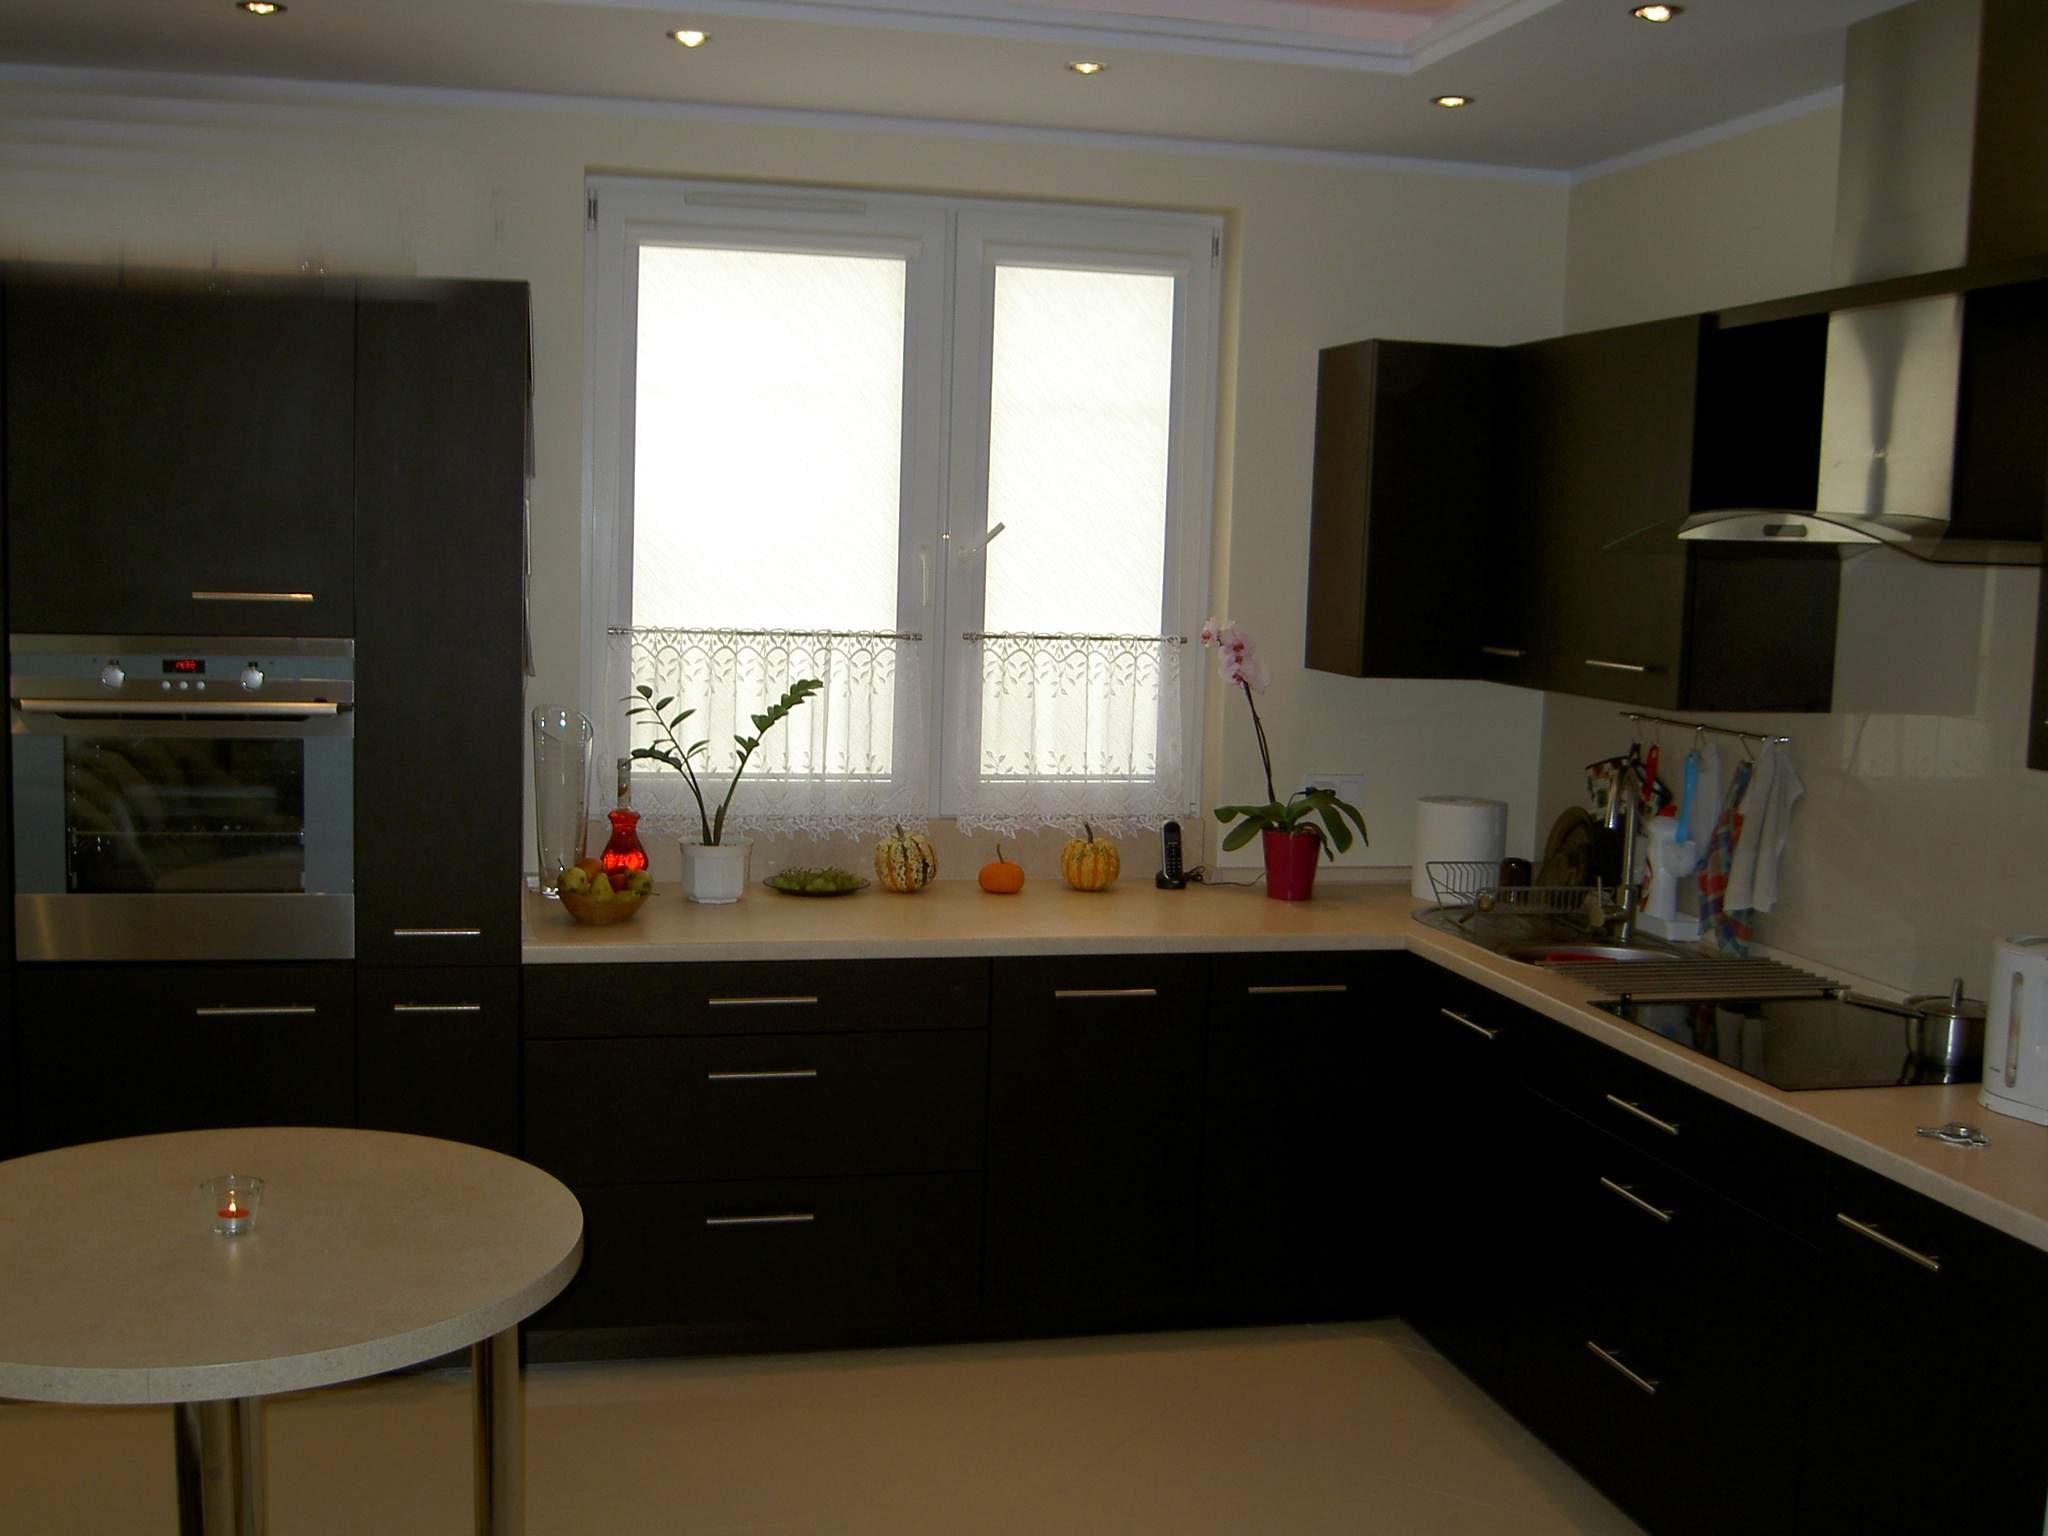 Mebla kuchenne Kuchnie na wymiar wroclaw